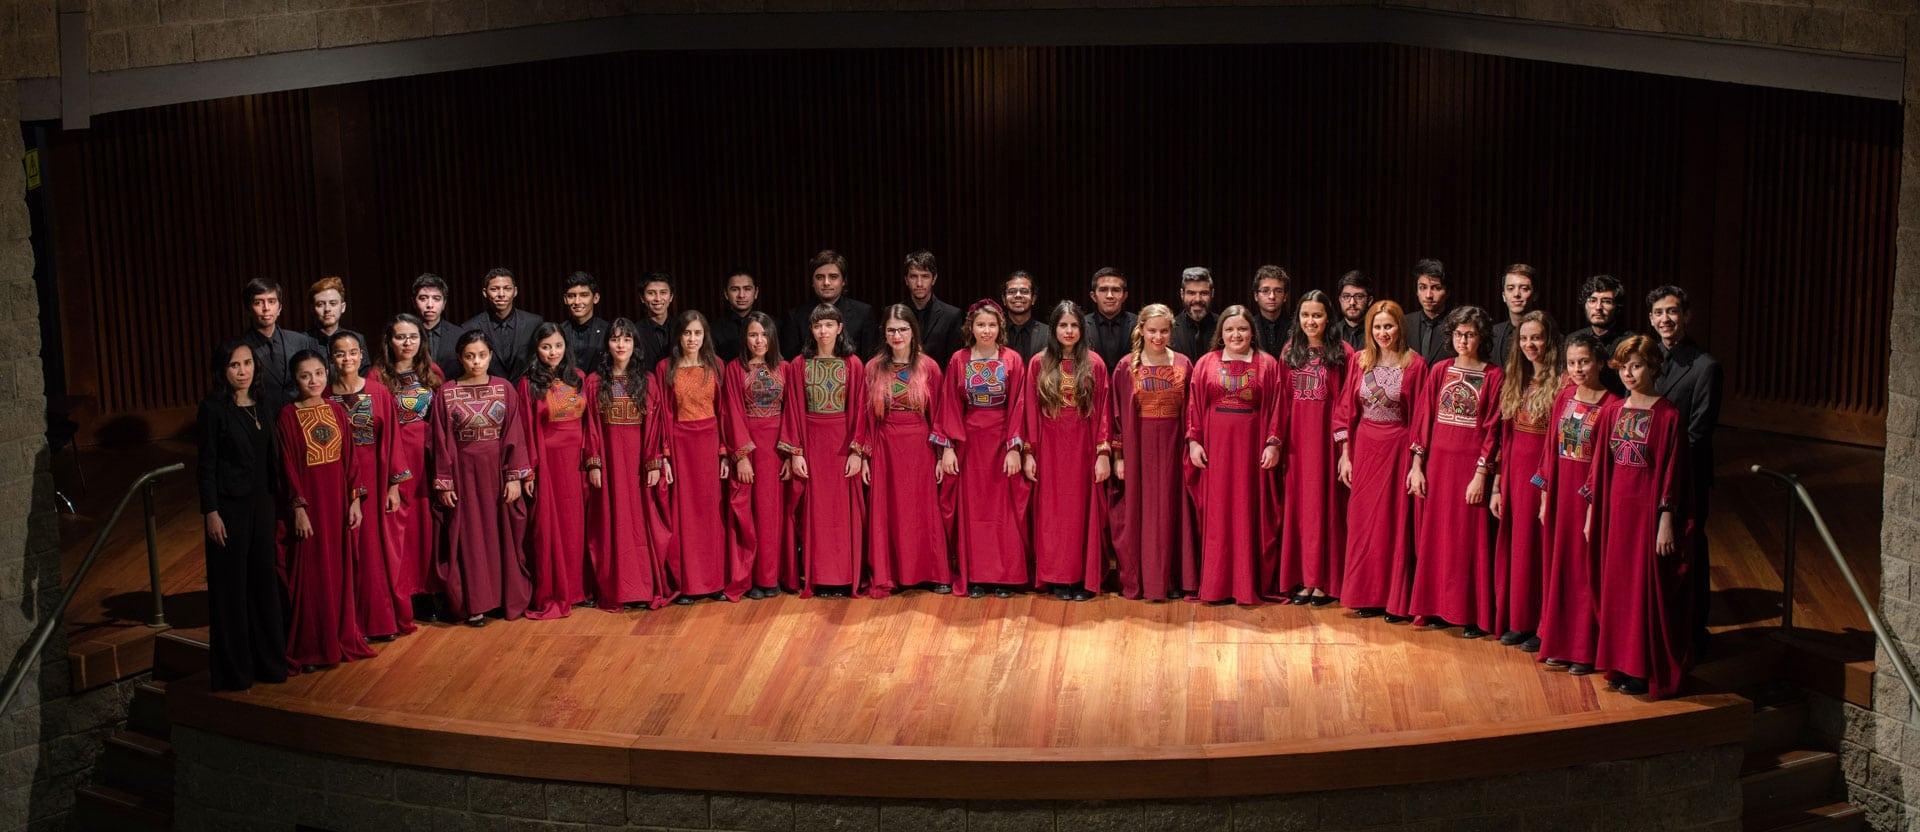 Convocatoria: Se buscan coristas uniandinos para cantar en la posesión de Alejandro Gaviria como nuevo Rector